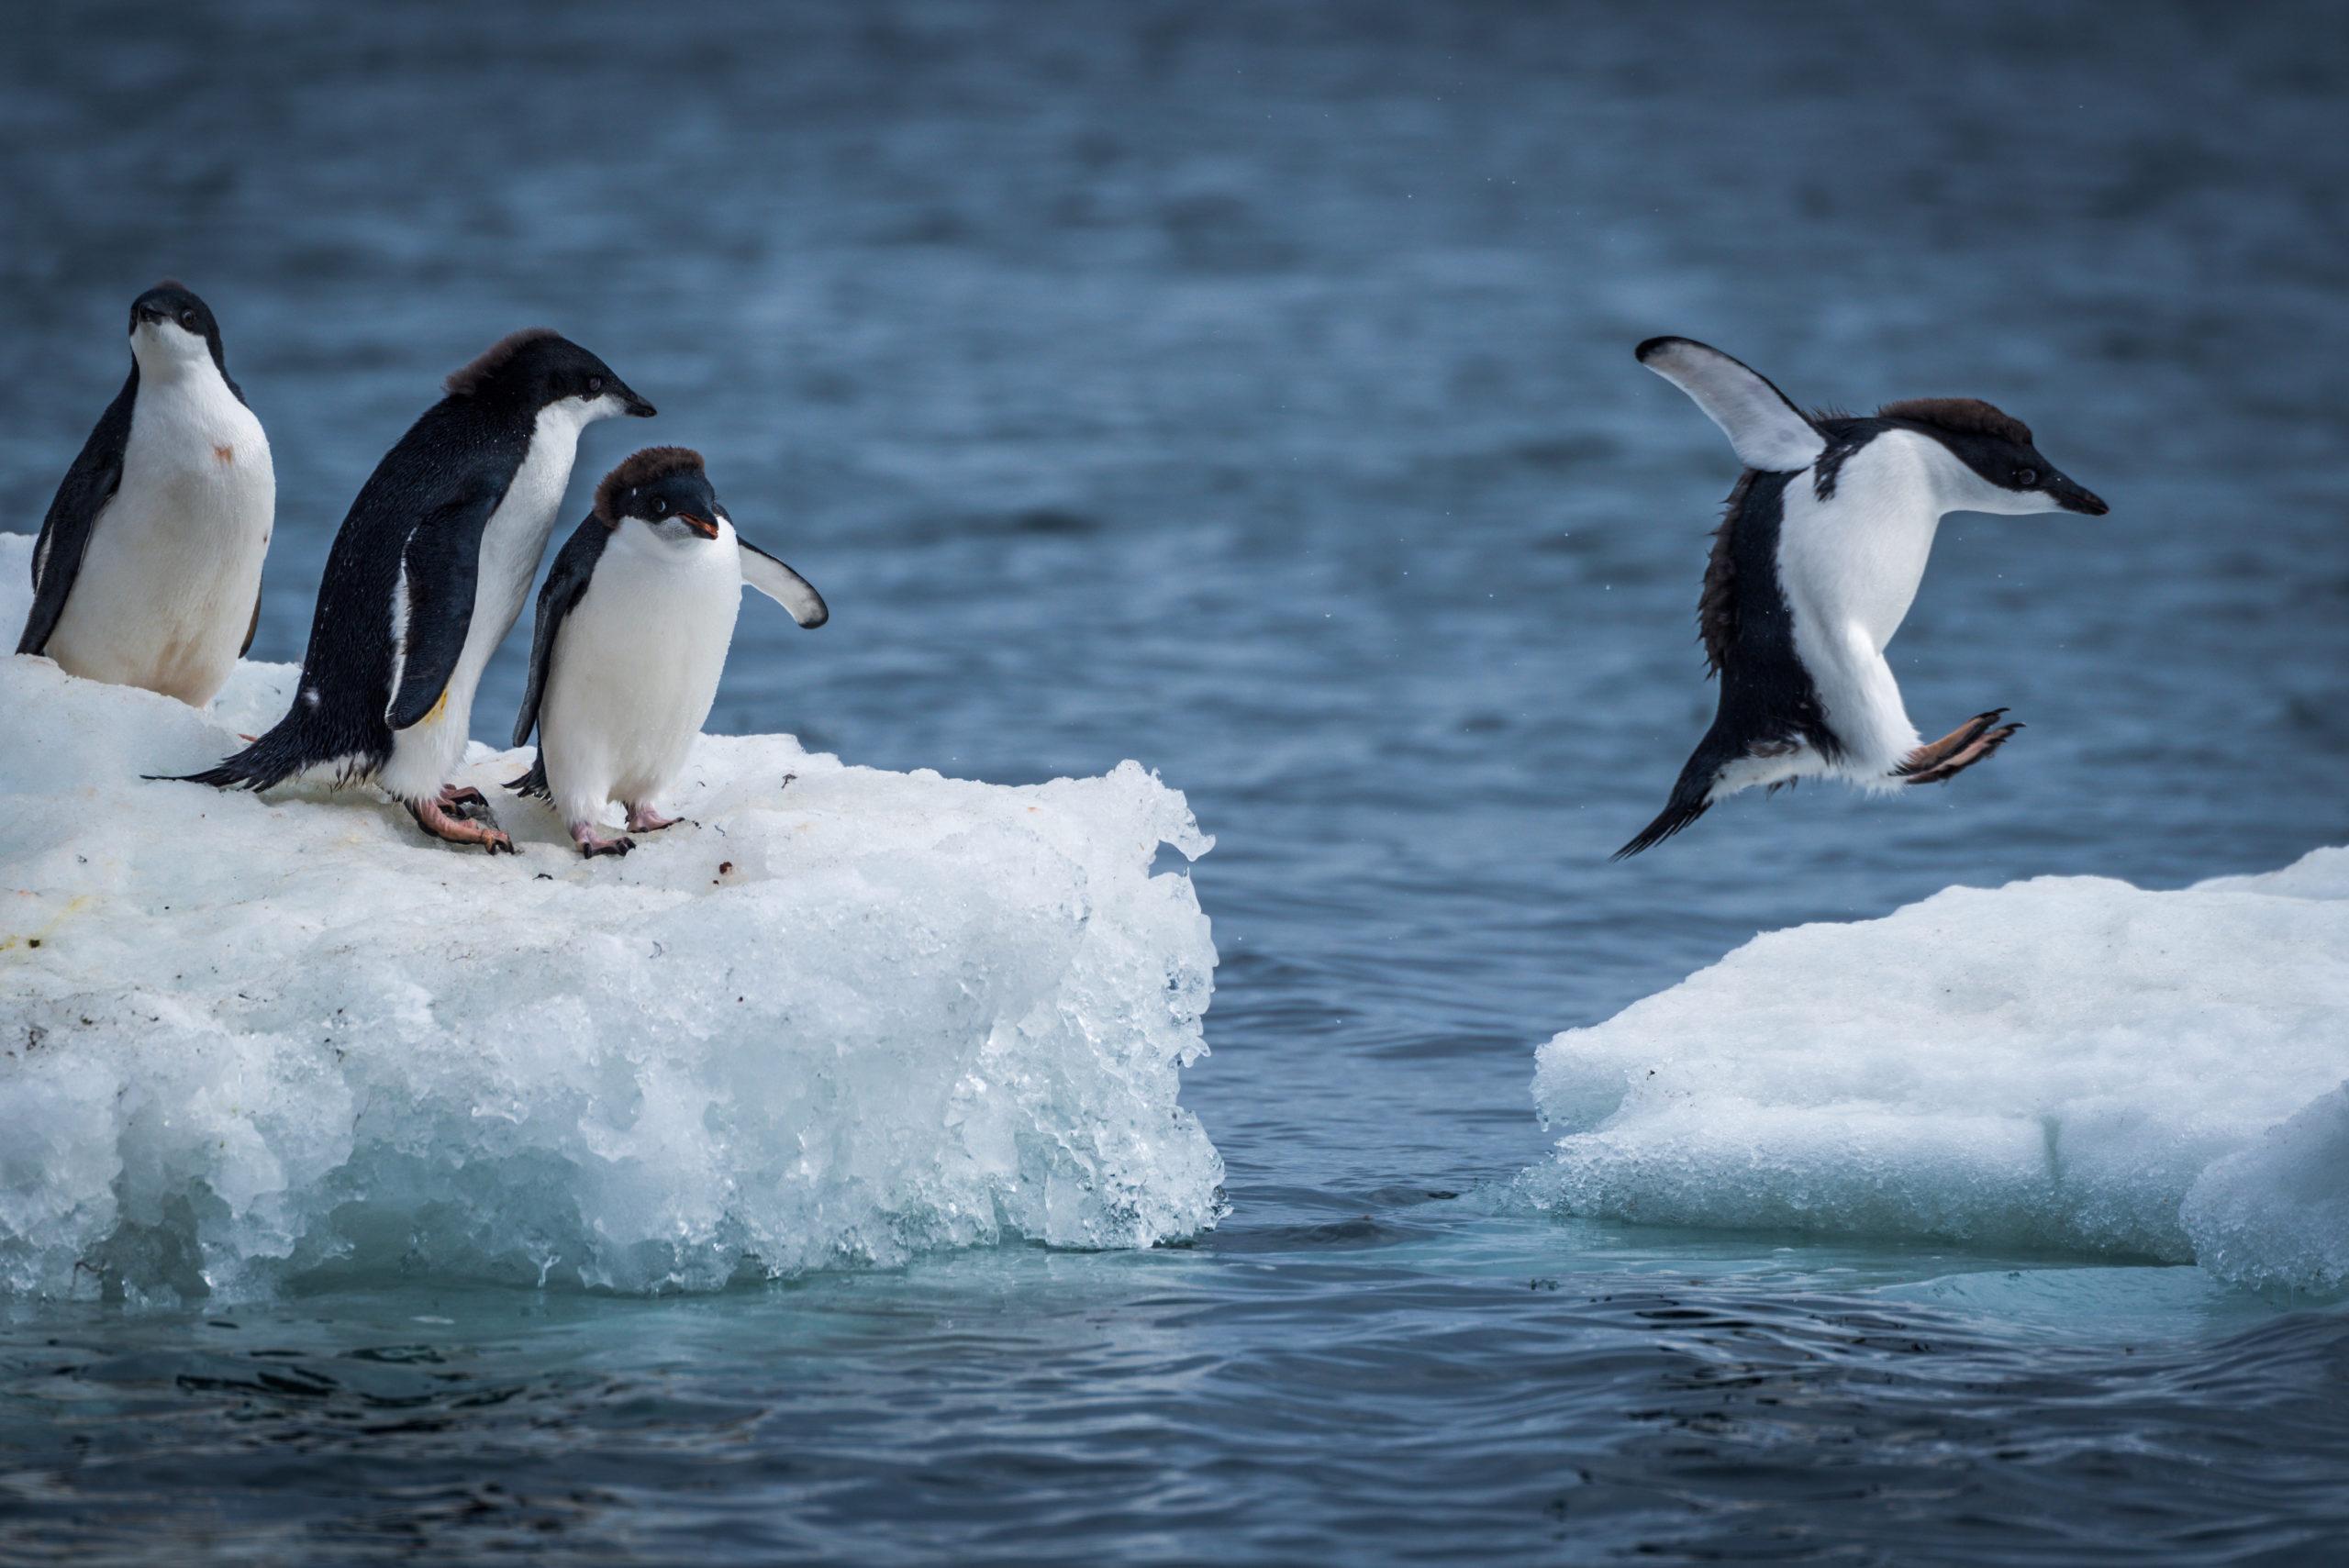 複業のトリセツ制作秘話とファーストペンギンの責務